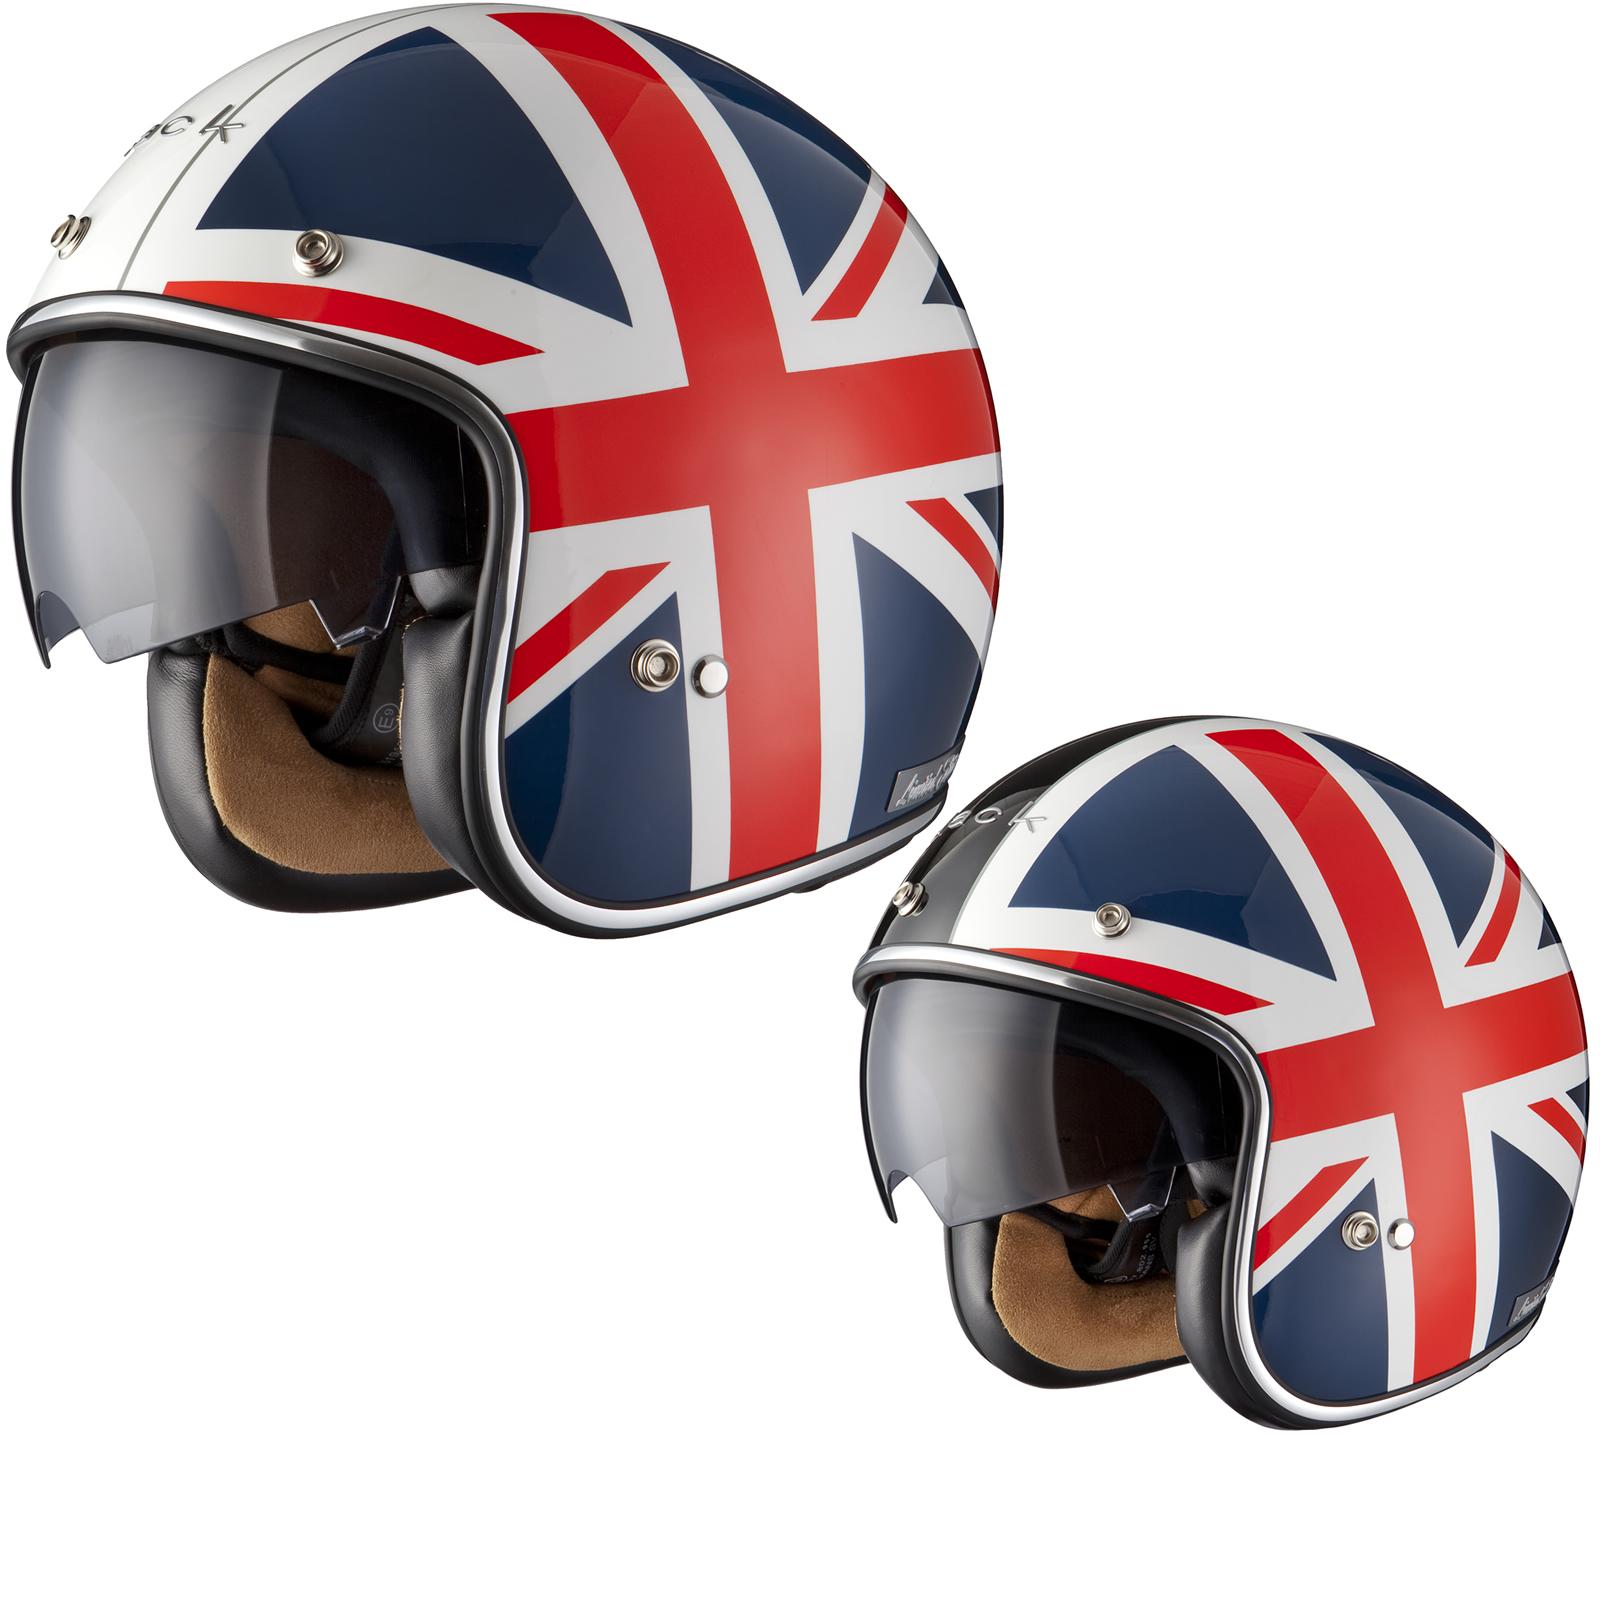 Casque a moto en anglais